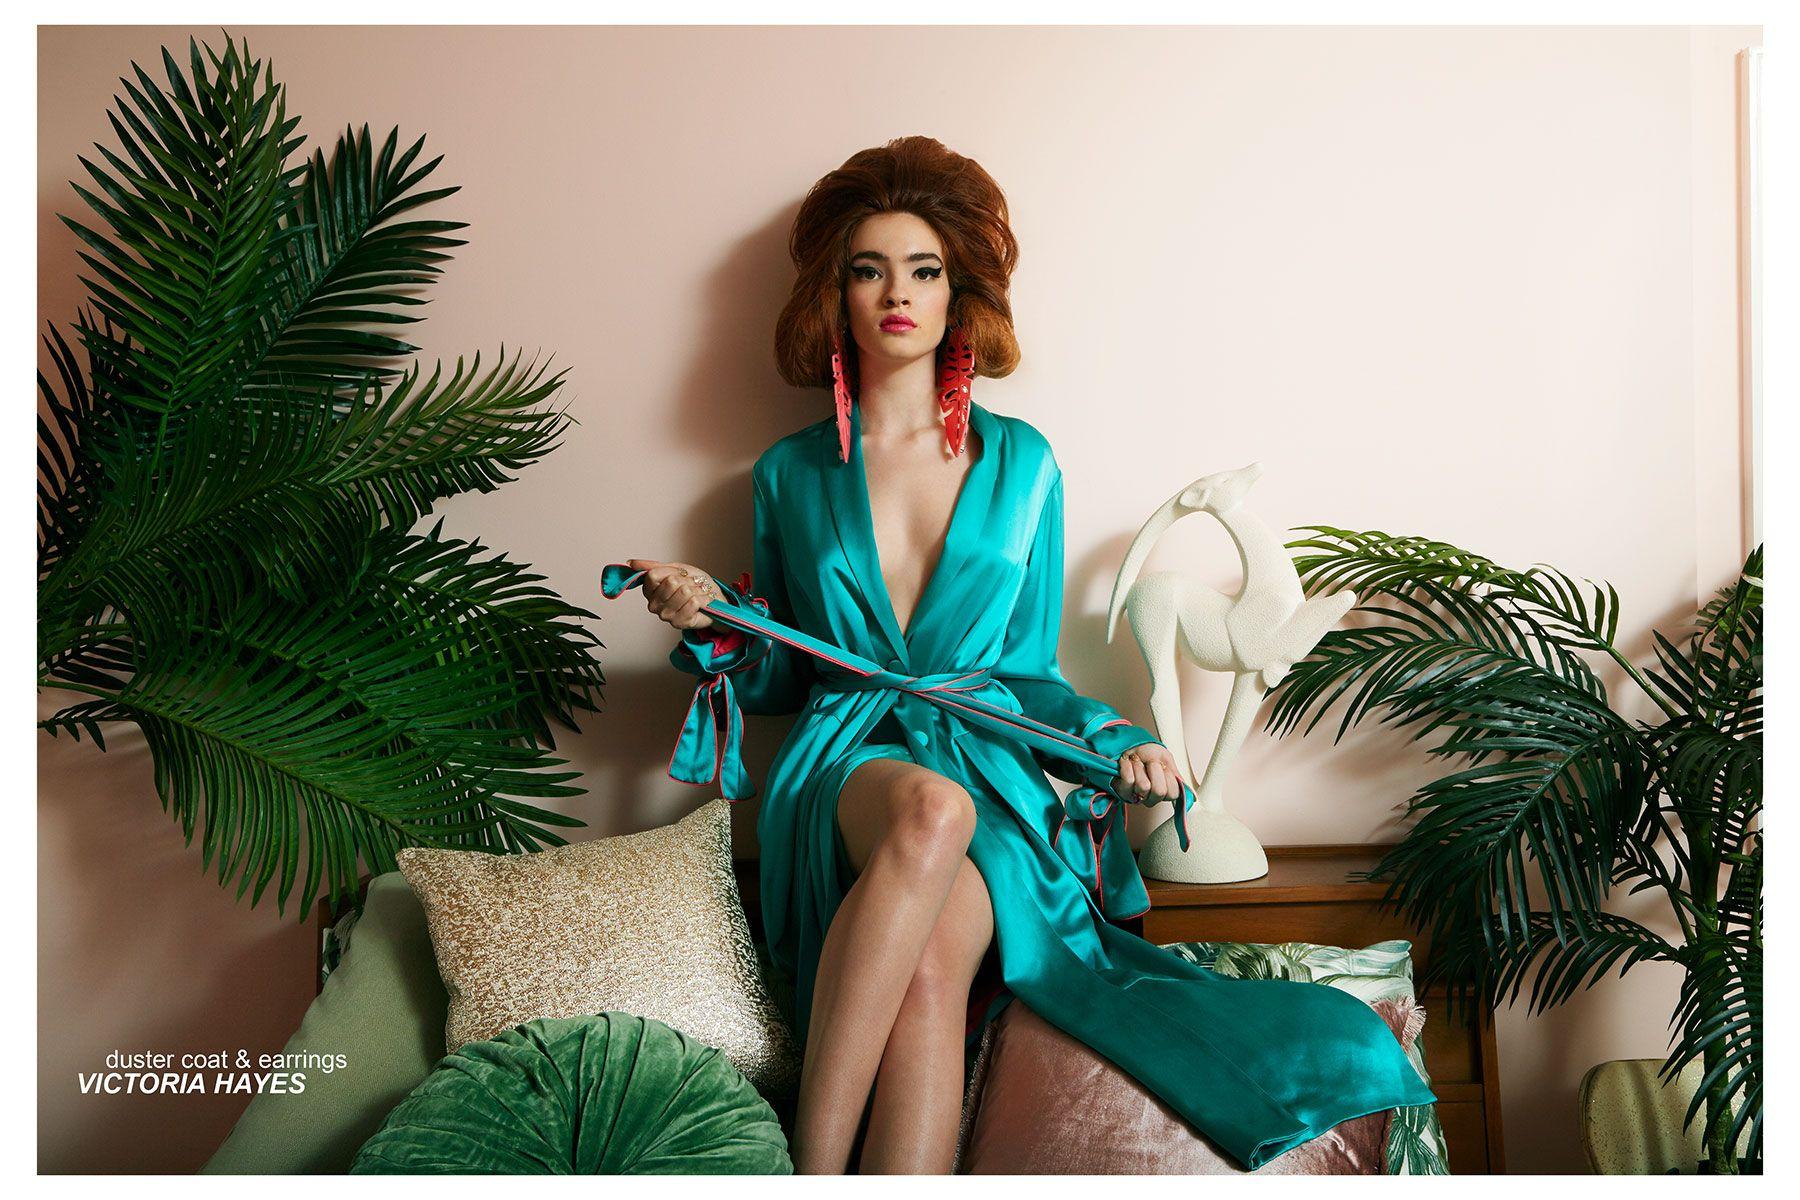 Model Liv Solo stars in